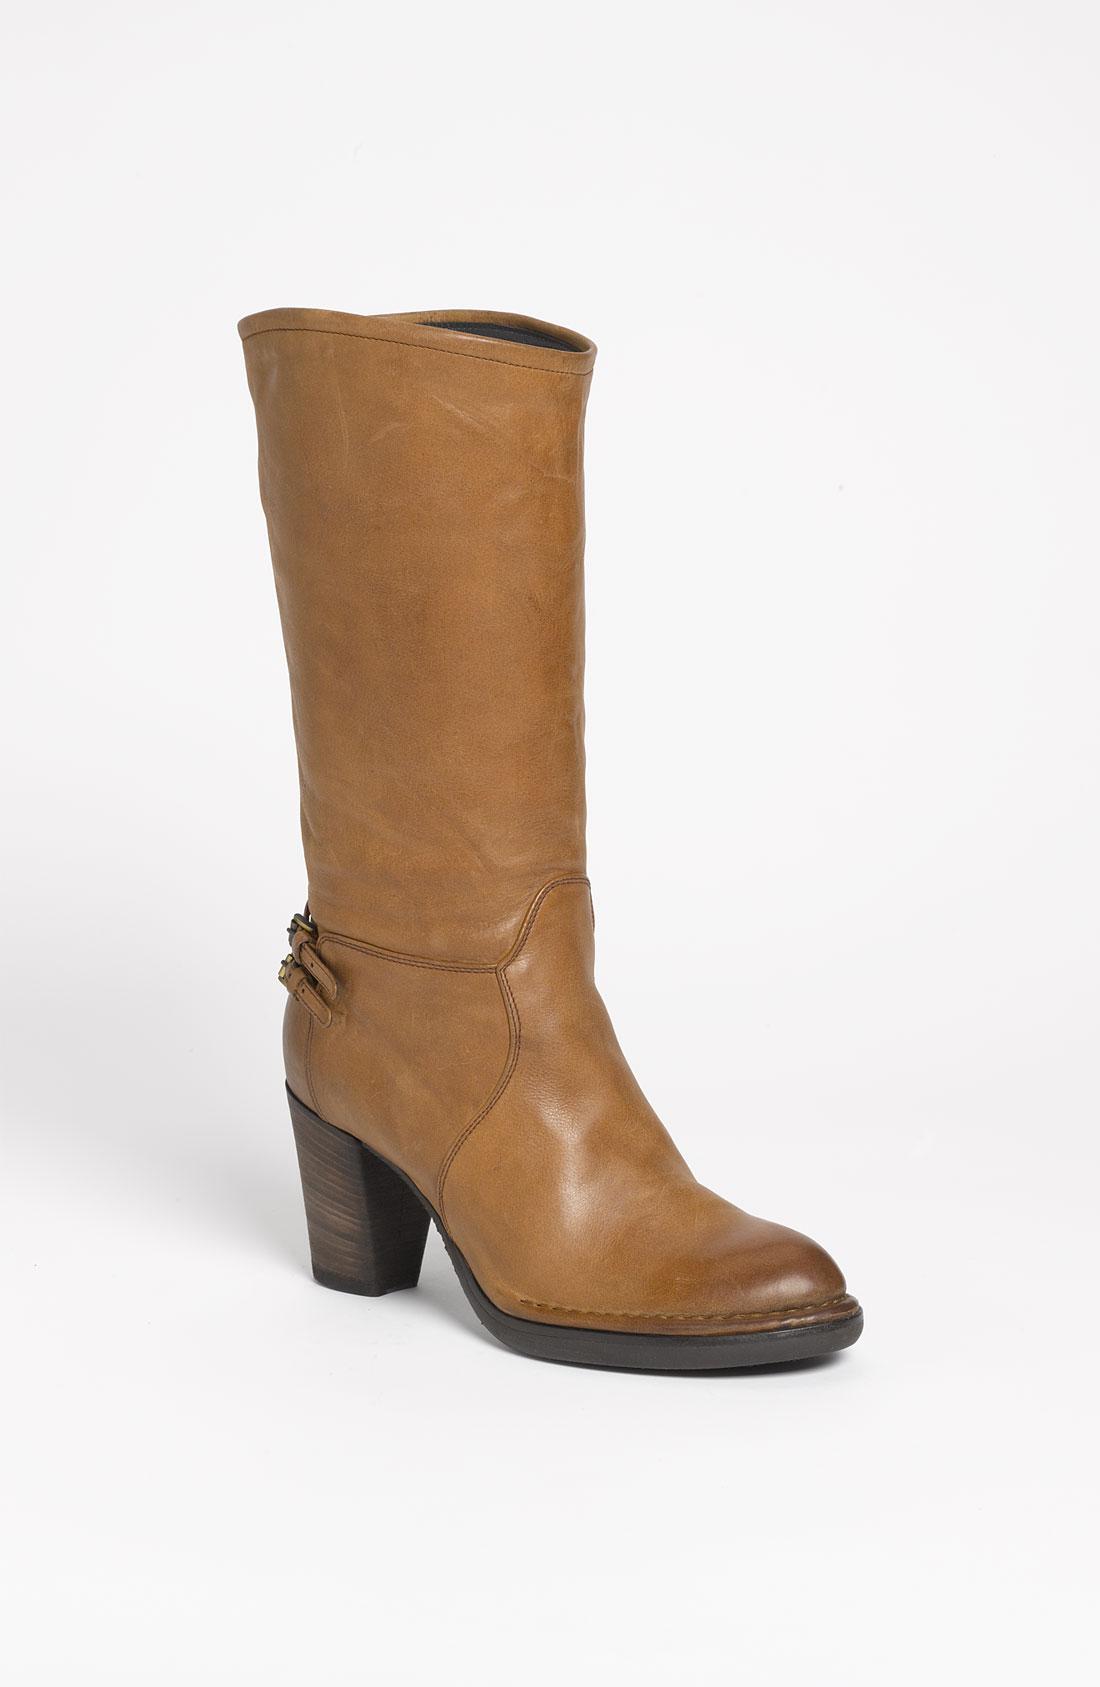 alberto fermani mid heel boot nordstrom exclusive in brown